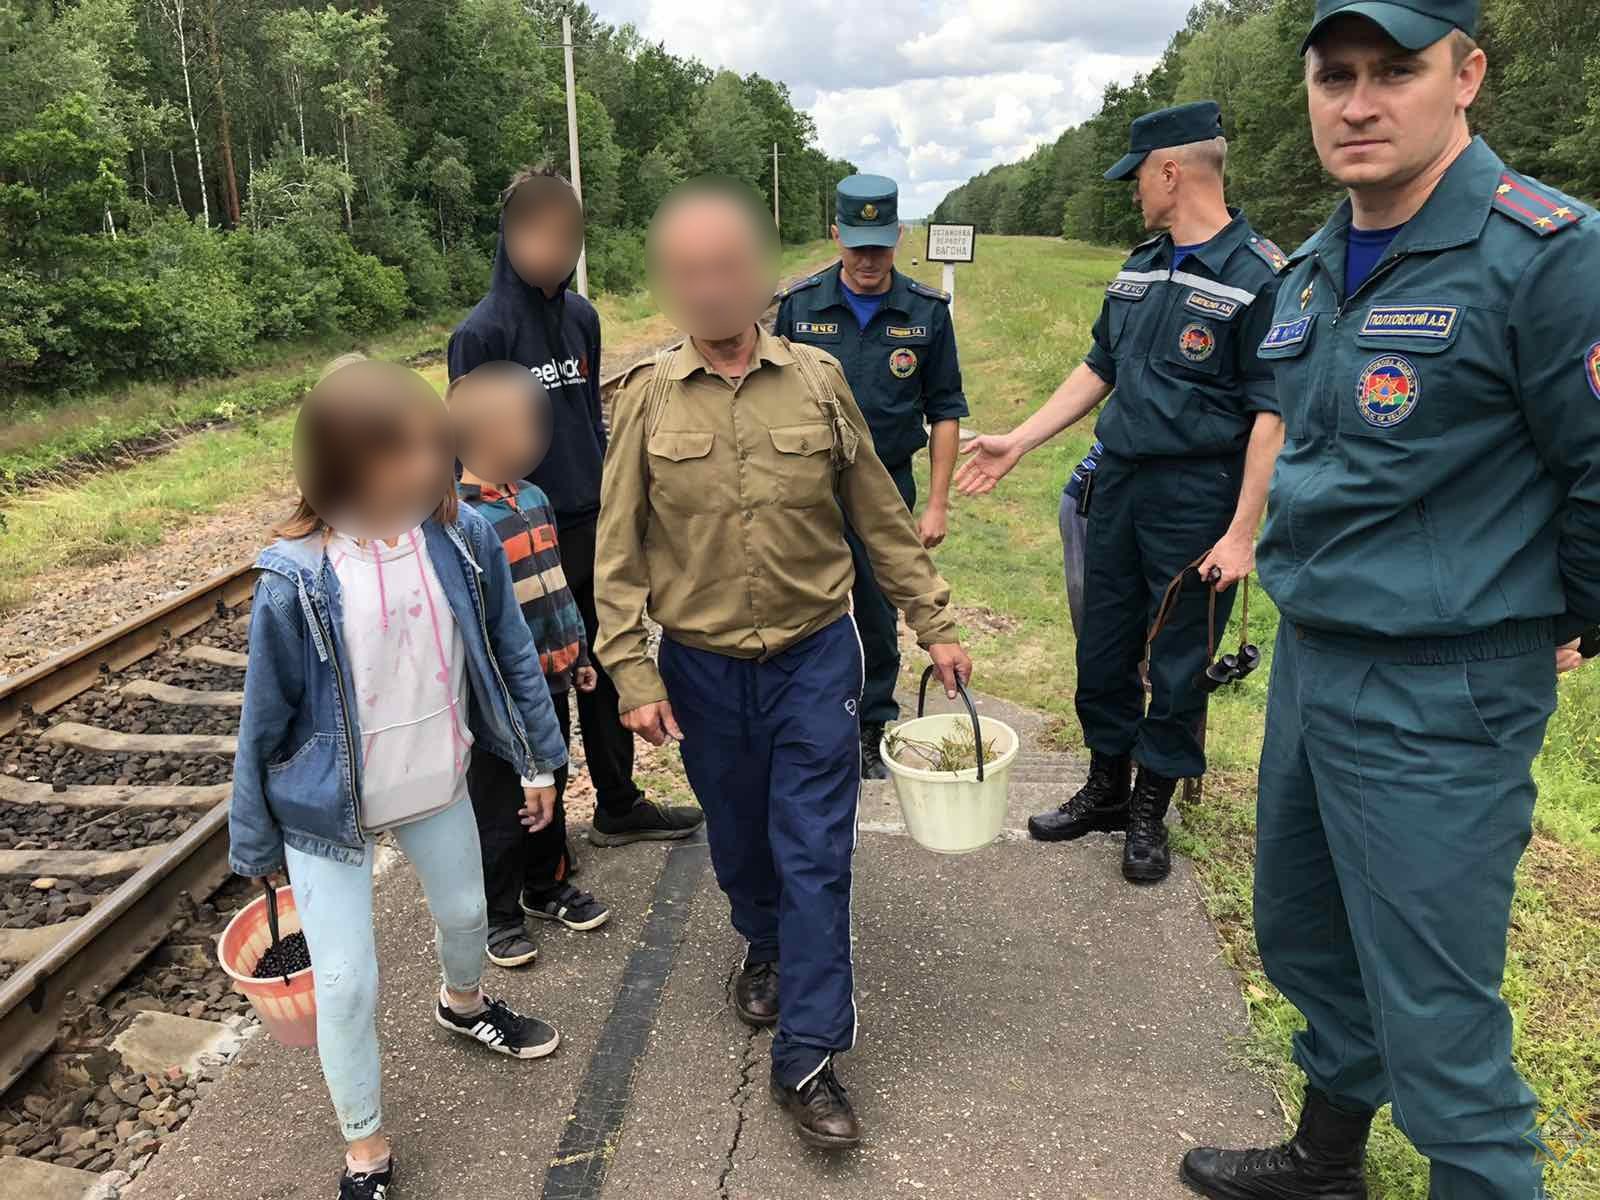 Мужчина с четырьмя детьми заблудился в лесу близ поселка Мухавец у станции «Дубок»